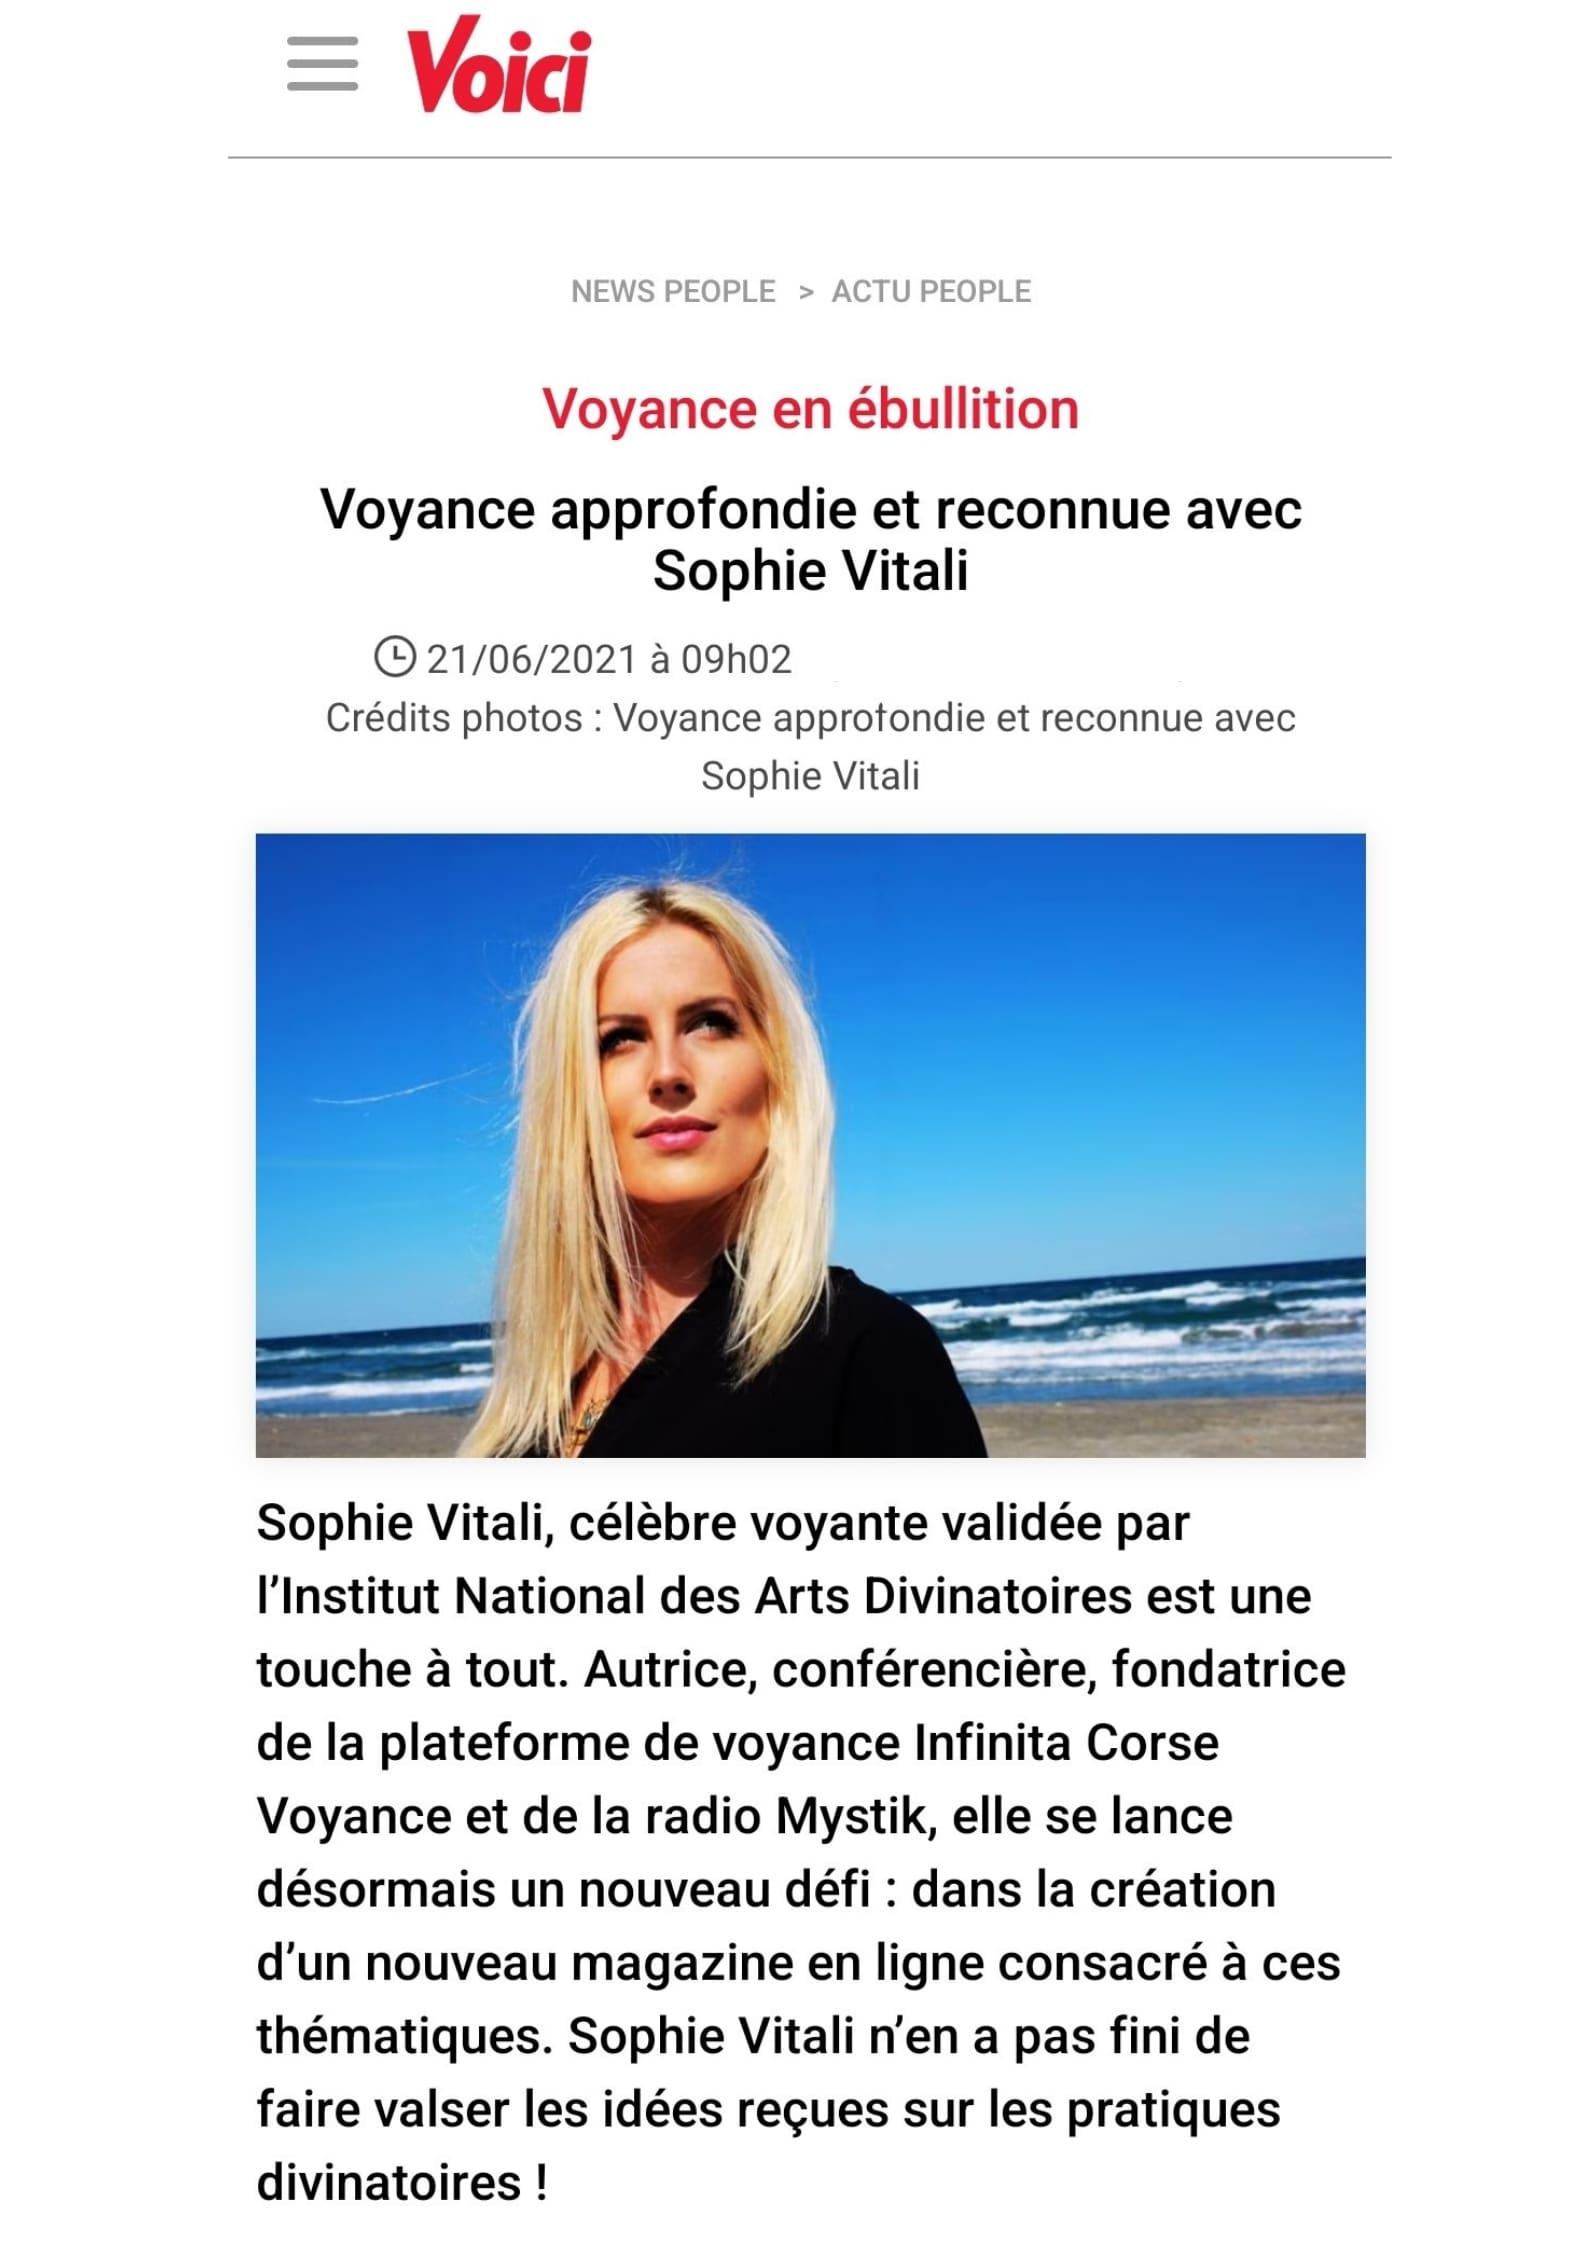 Sophie Vitali célèbre médium et voyante corse sur le site voici.fr